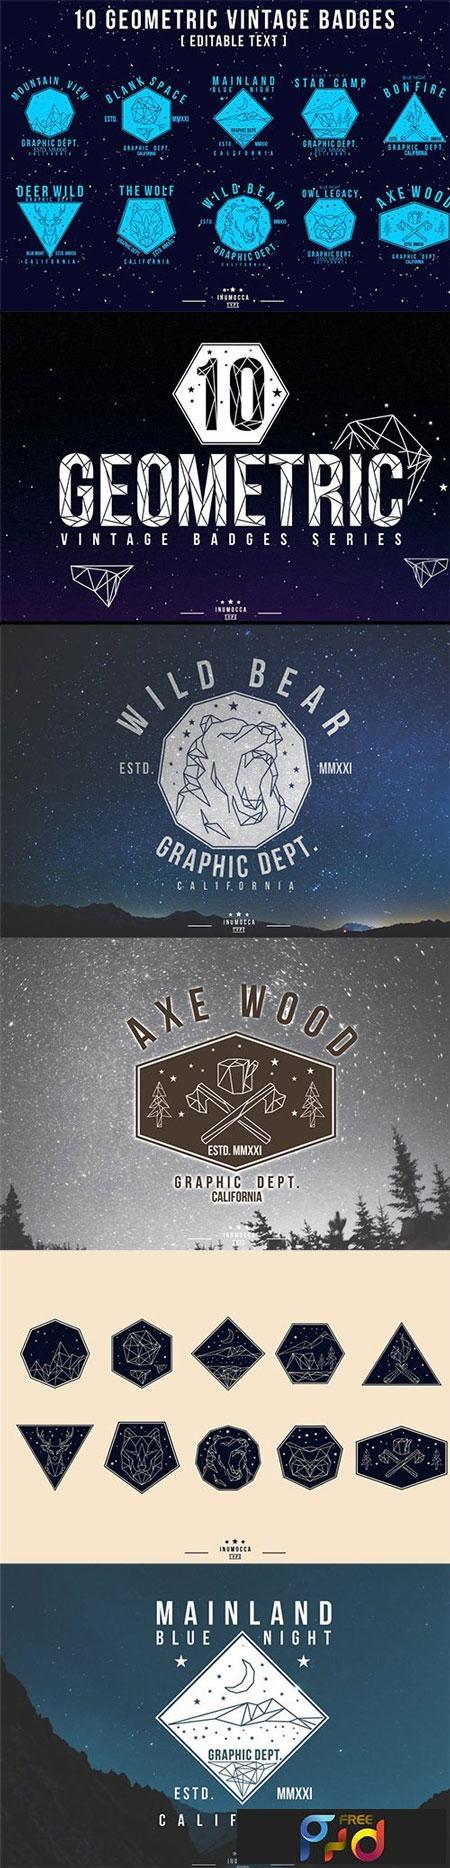 Geometric Vintage Badges (Editable text) SGCWFD 1